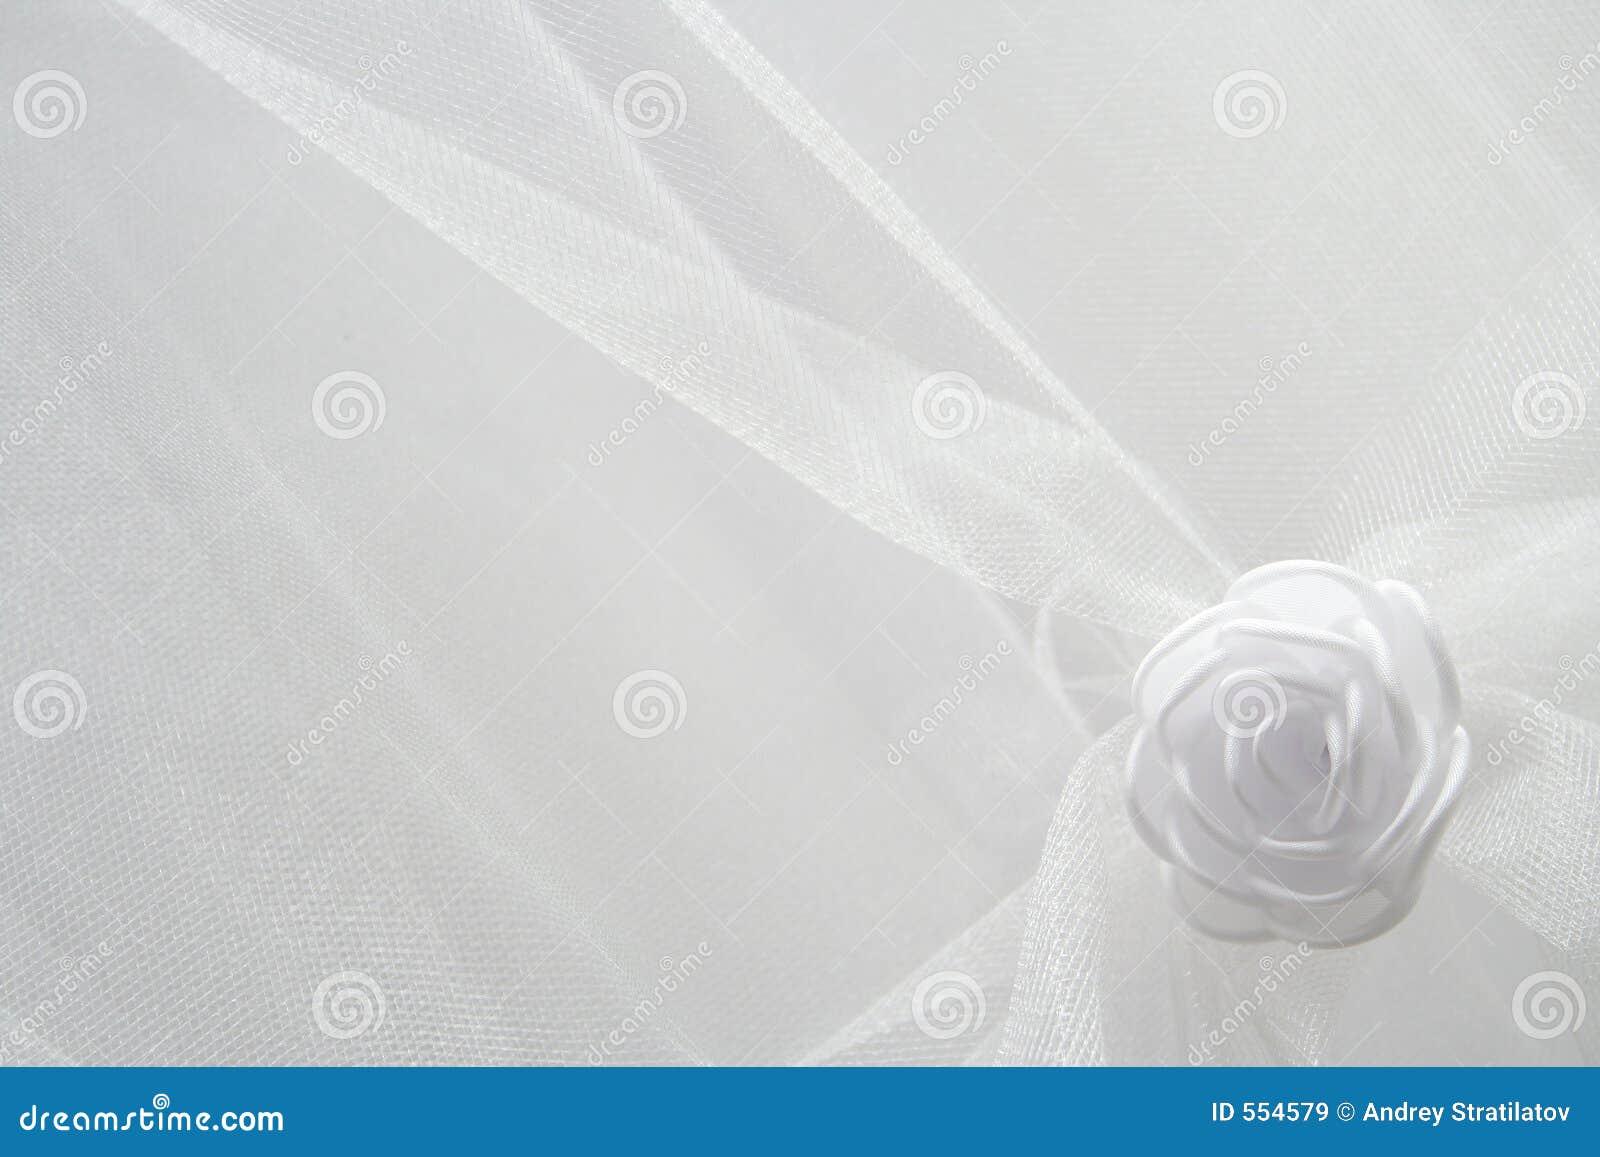 Wedding background royalty free stock images image 554579